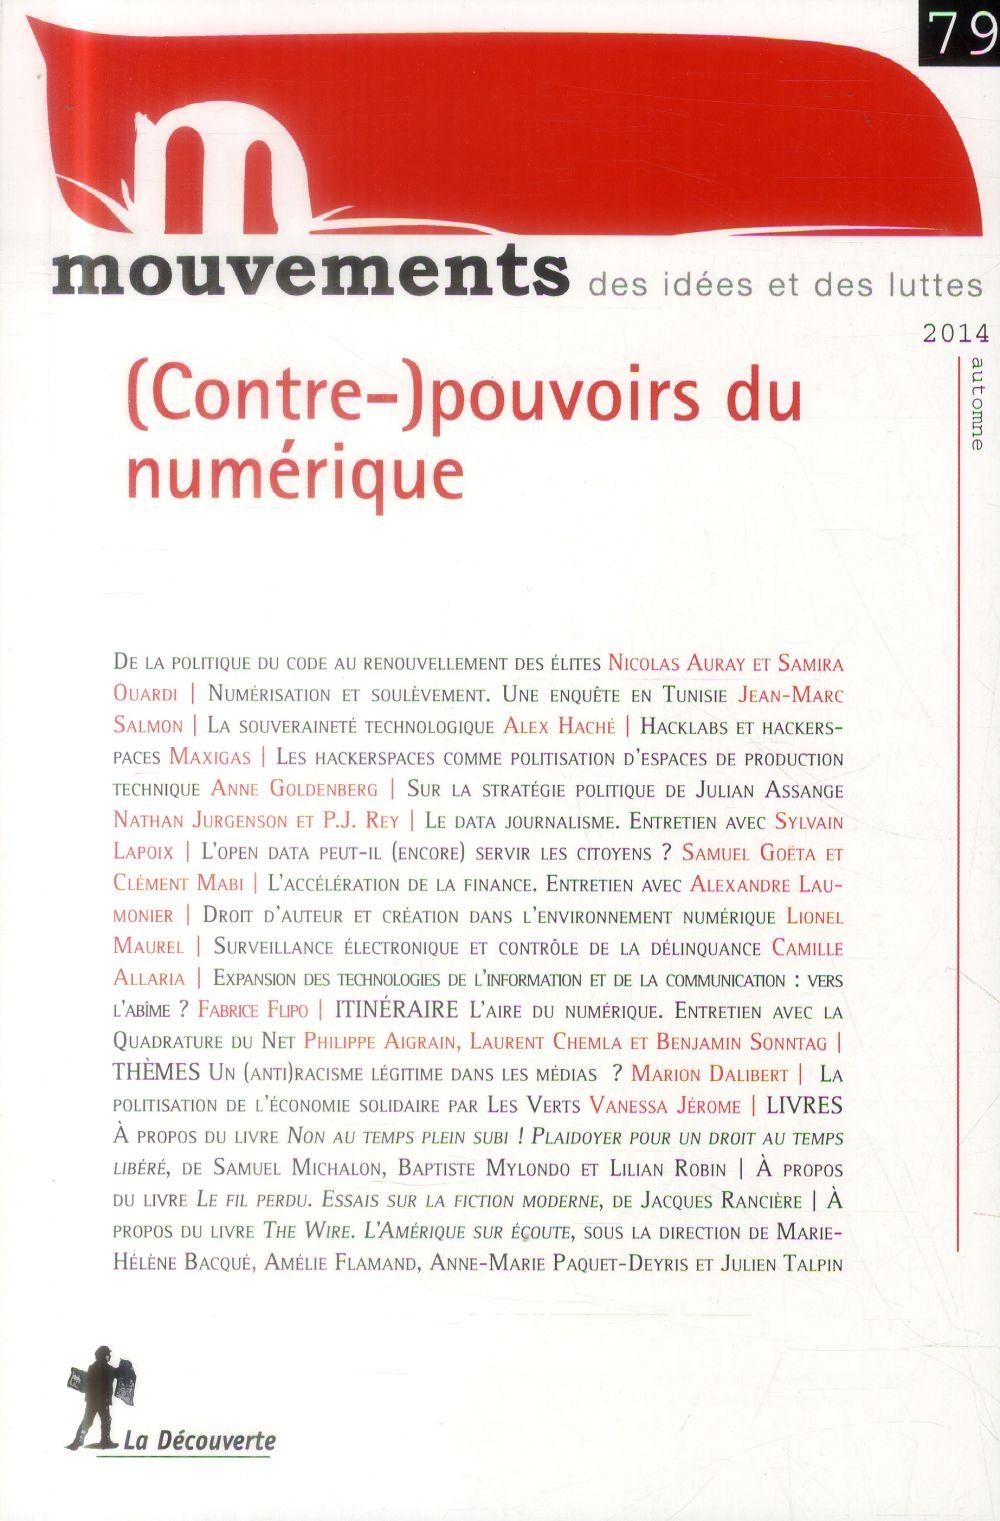 REVUE MOUVEMENTS NUMERO 79 (CONTRE-)POUVOIRS DU NUMERIQUE